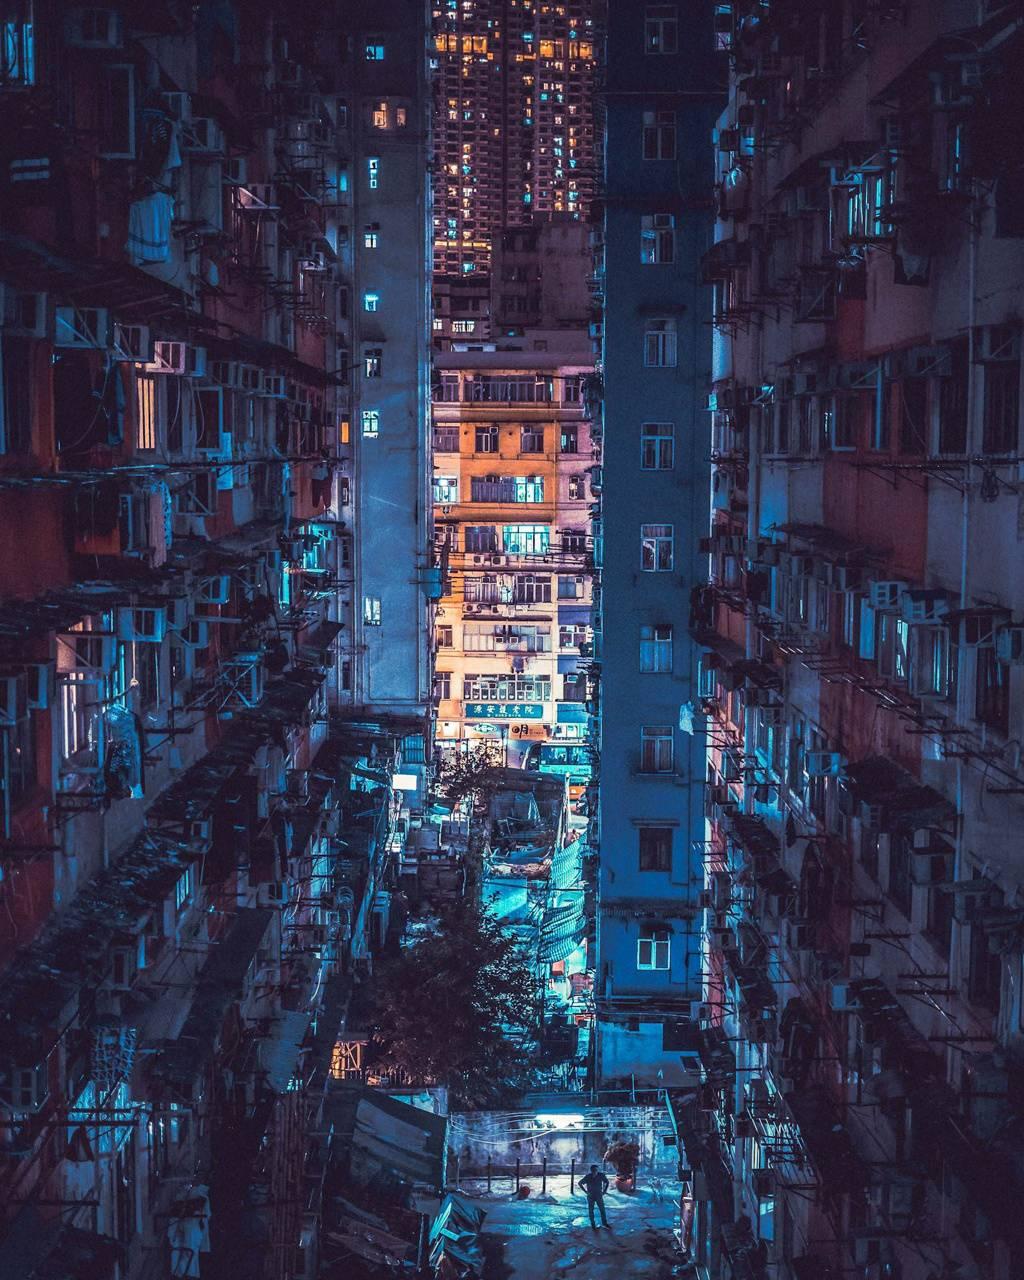 Timeless City